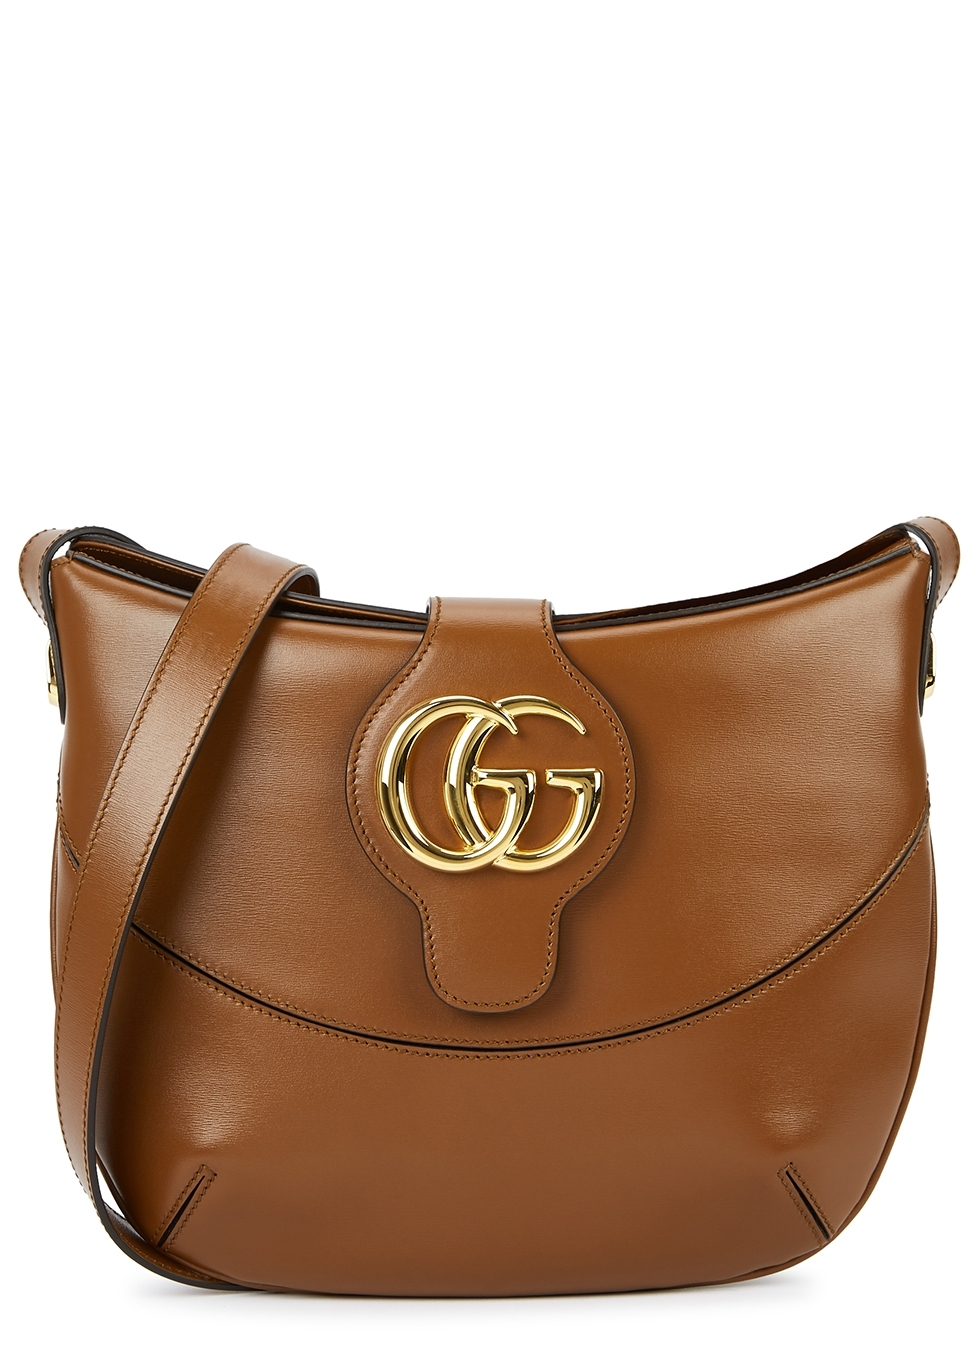 4f25b78cf0fae Women s Designer Bags